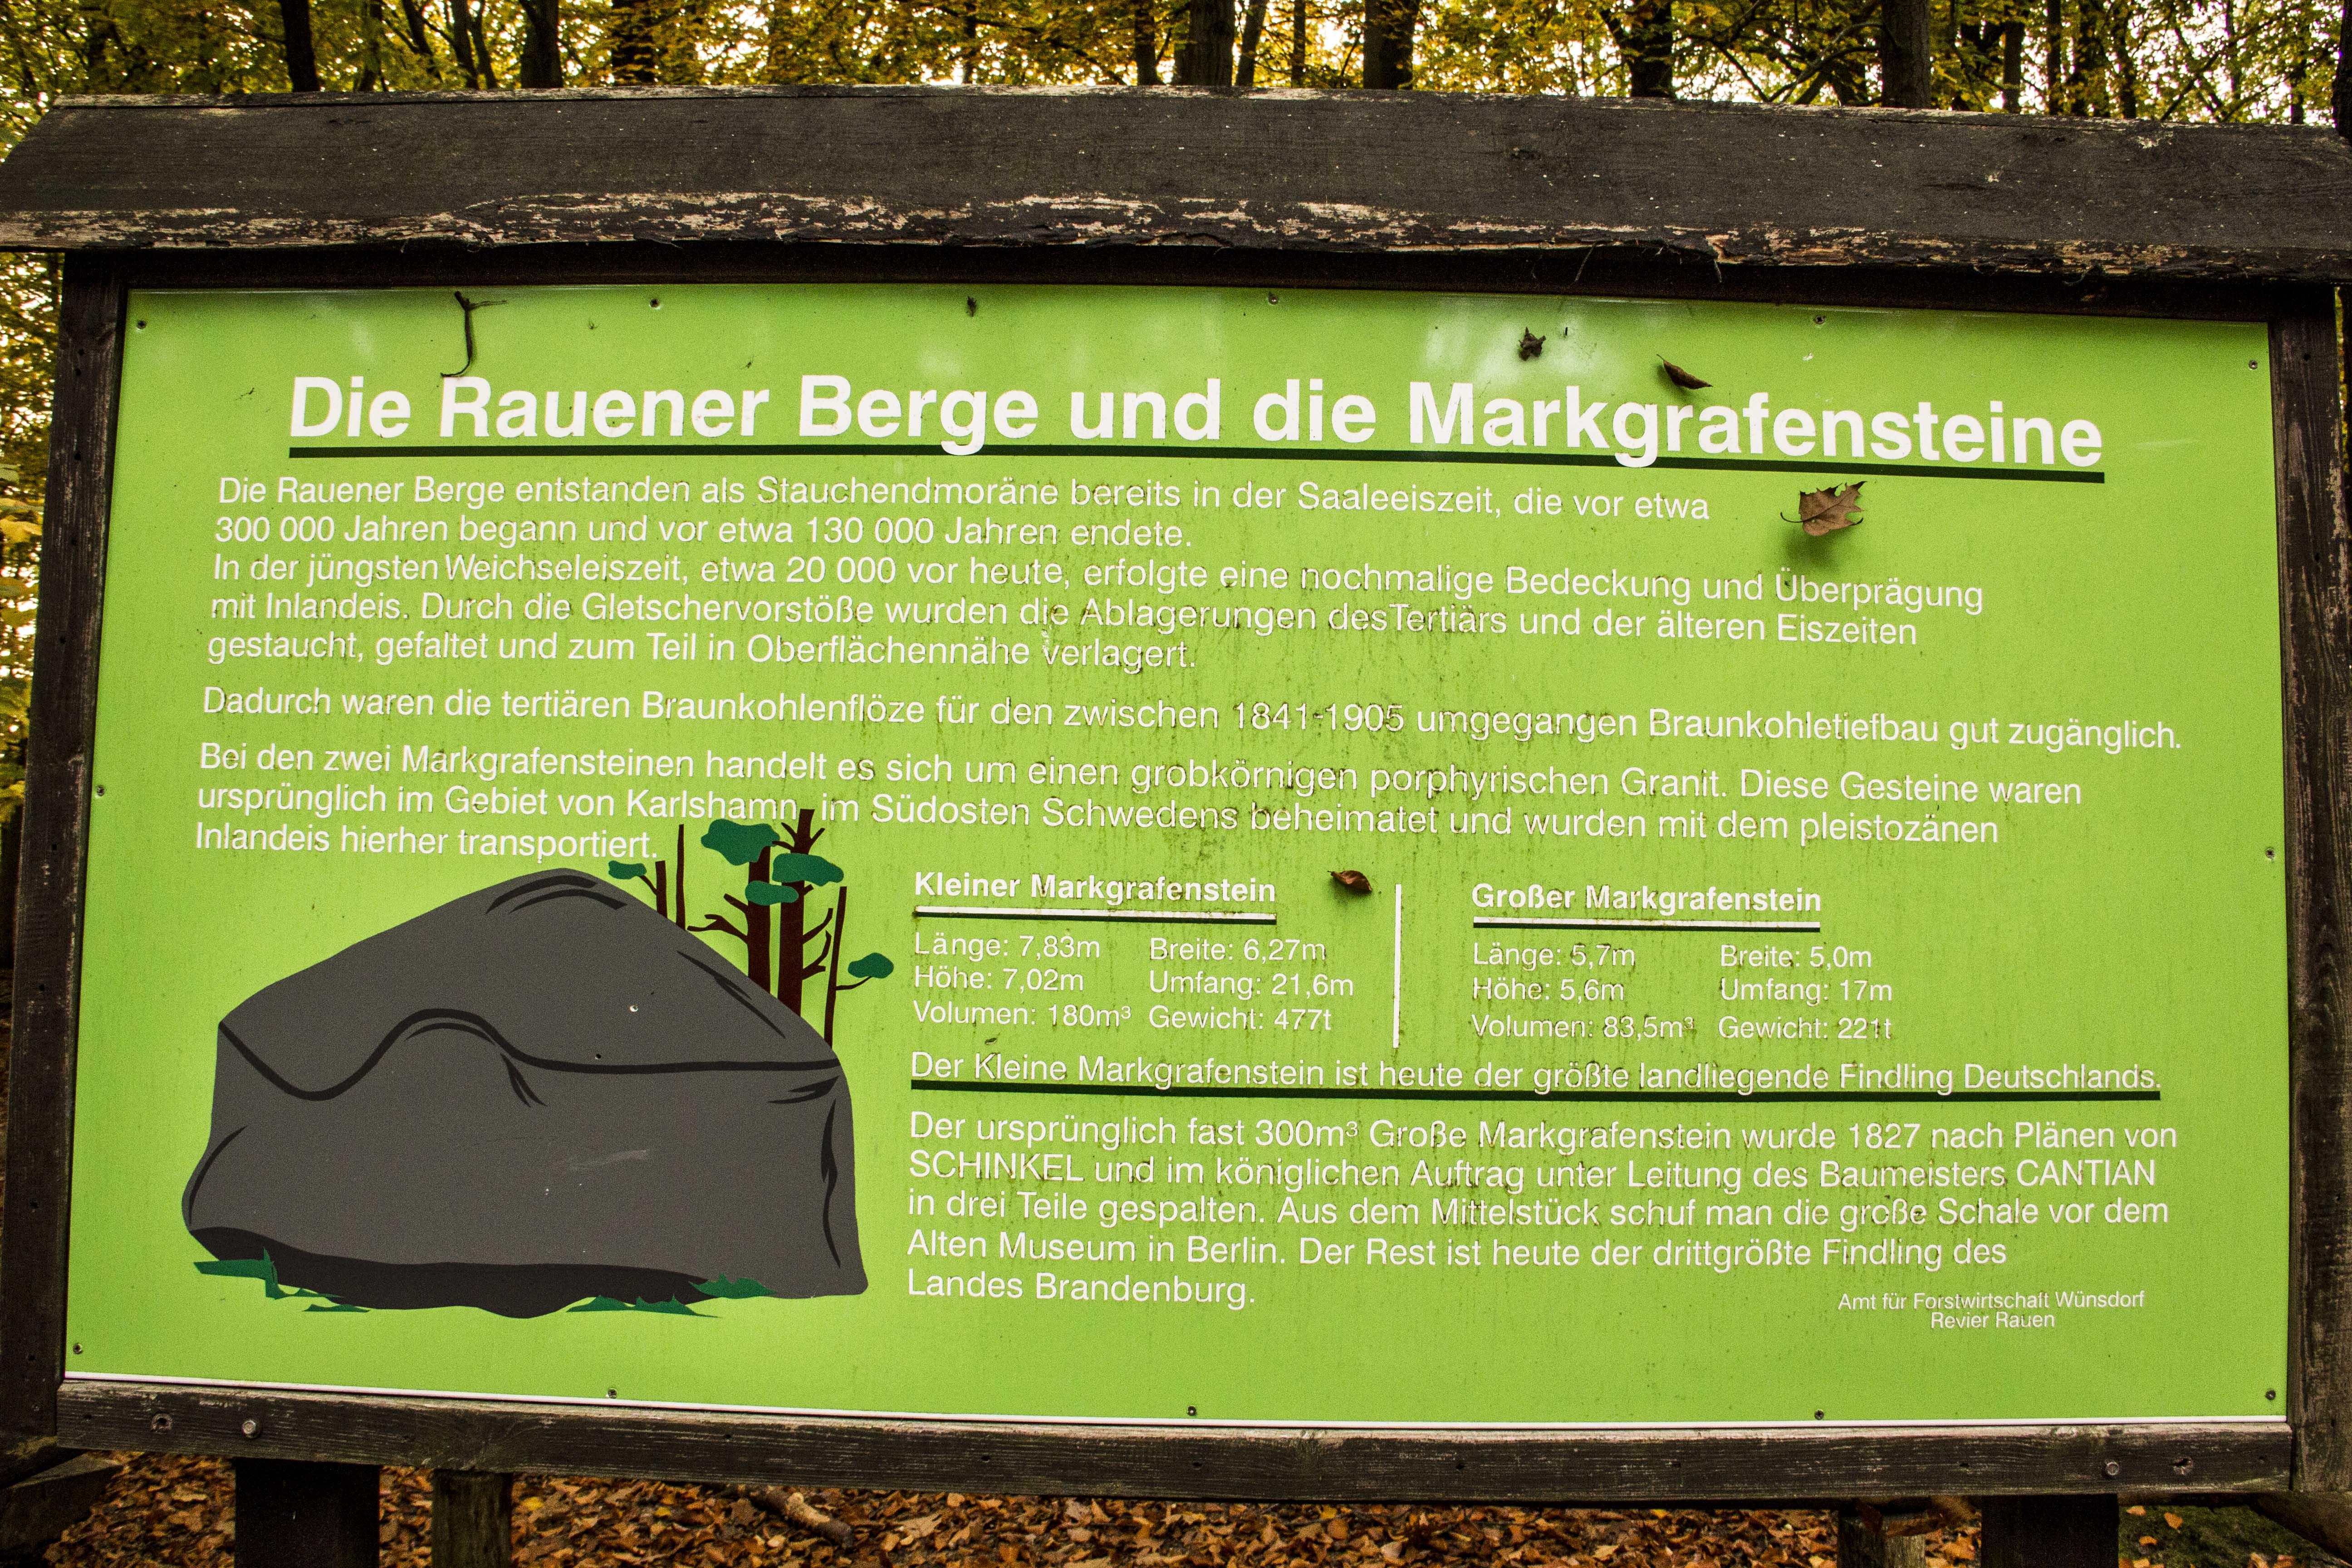 Brandenburg Rauen l Rauener Berge Übersicht Markgrafensteine